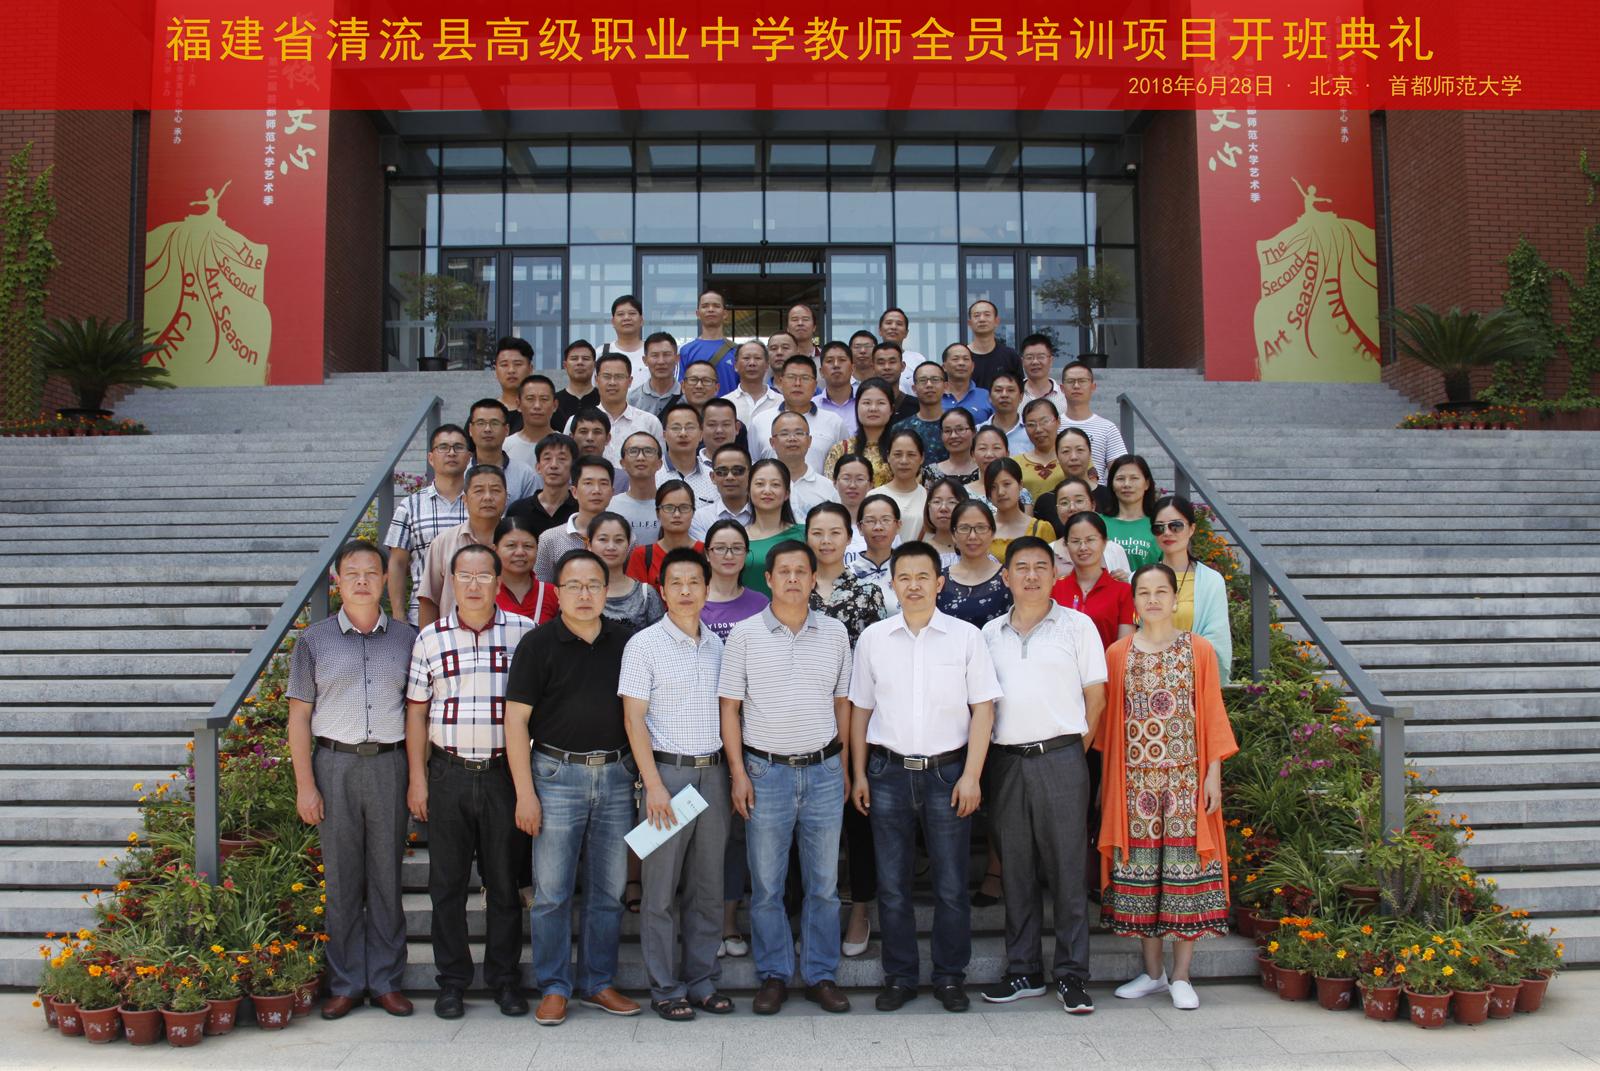 福建省清流县高级职业中学教师全员培训项目